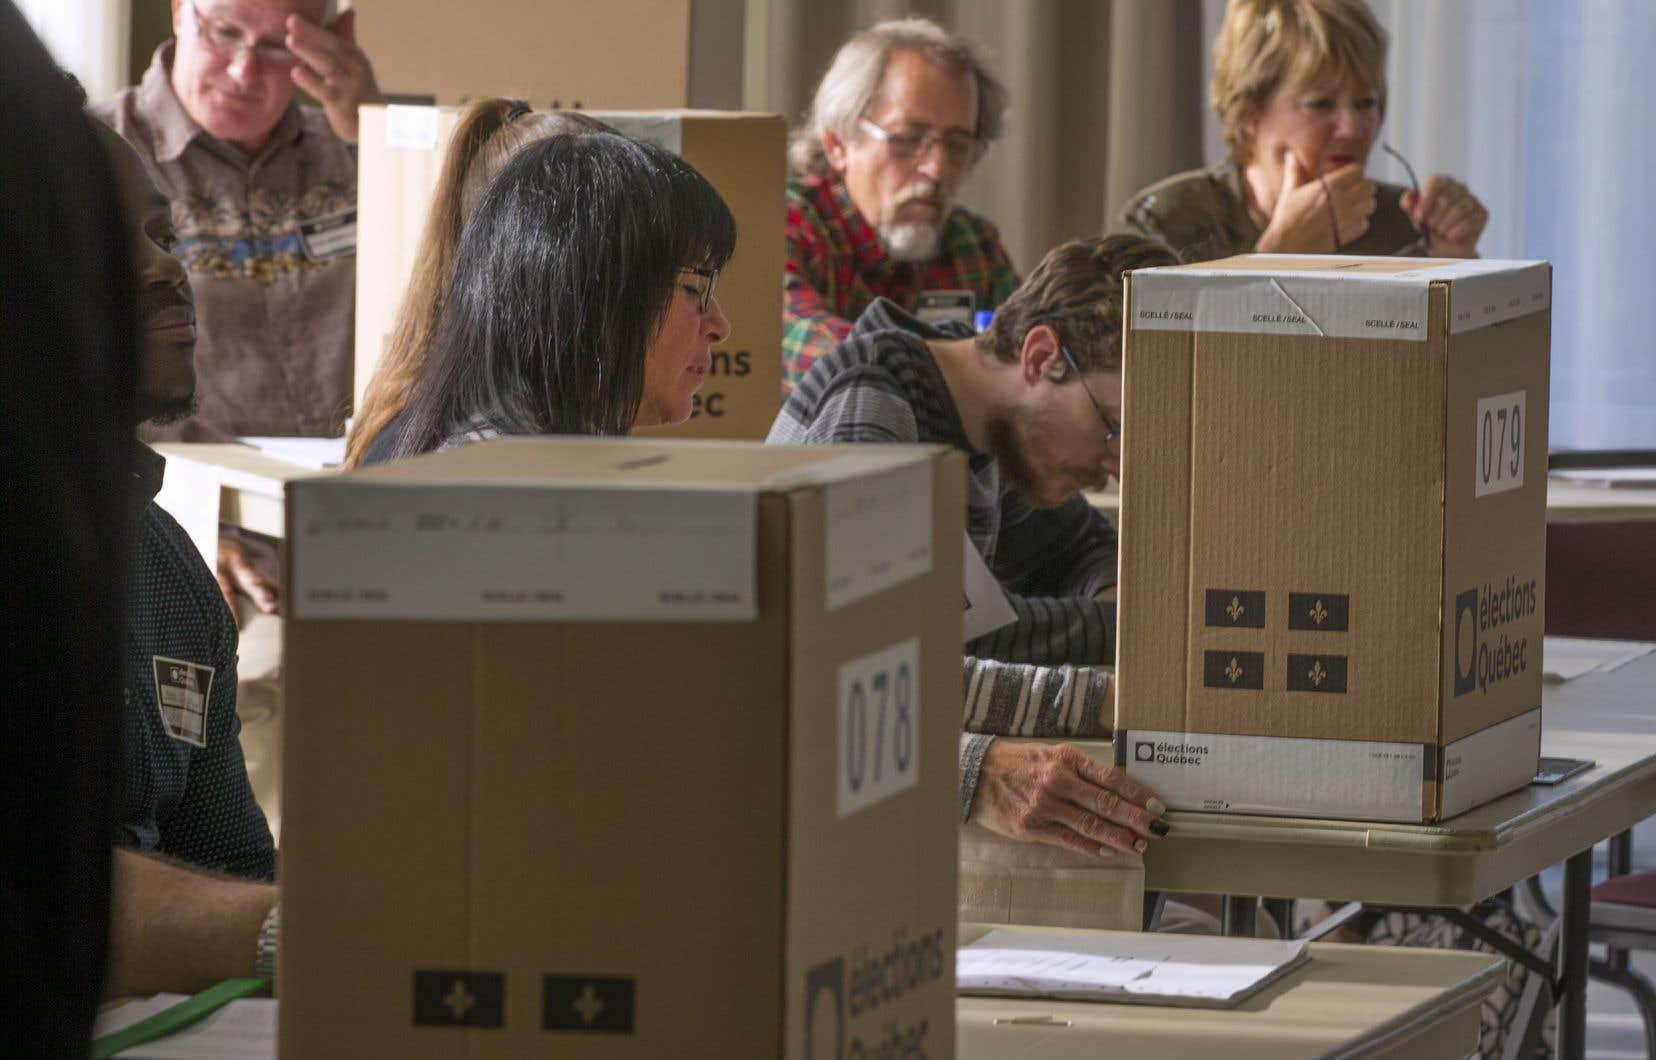 Le scrutin du 1eroctobre a amené à l'Assemblée nationale 94 députés sur 125 qui ont promis solennellement de faire adopter un mode de scrutin proportionnel mixte compensatoire régional.